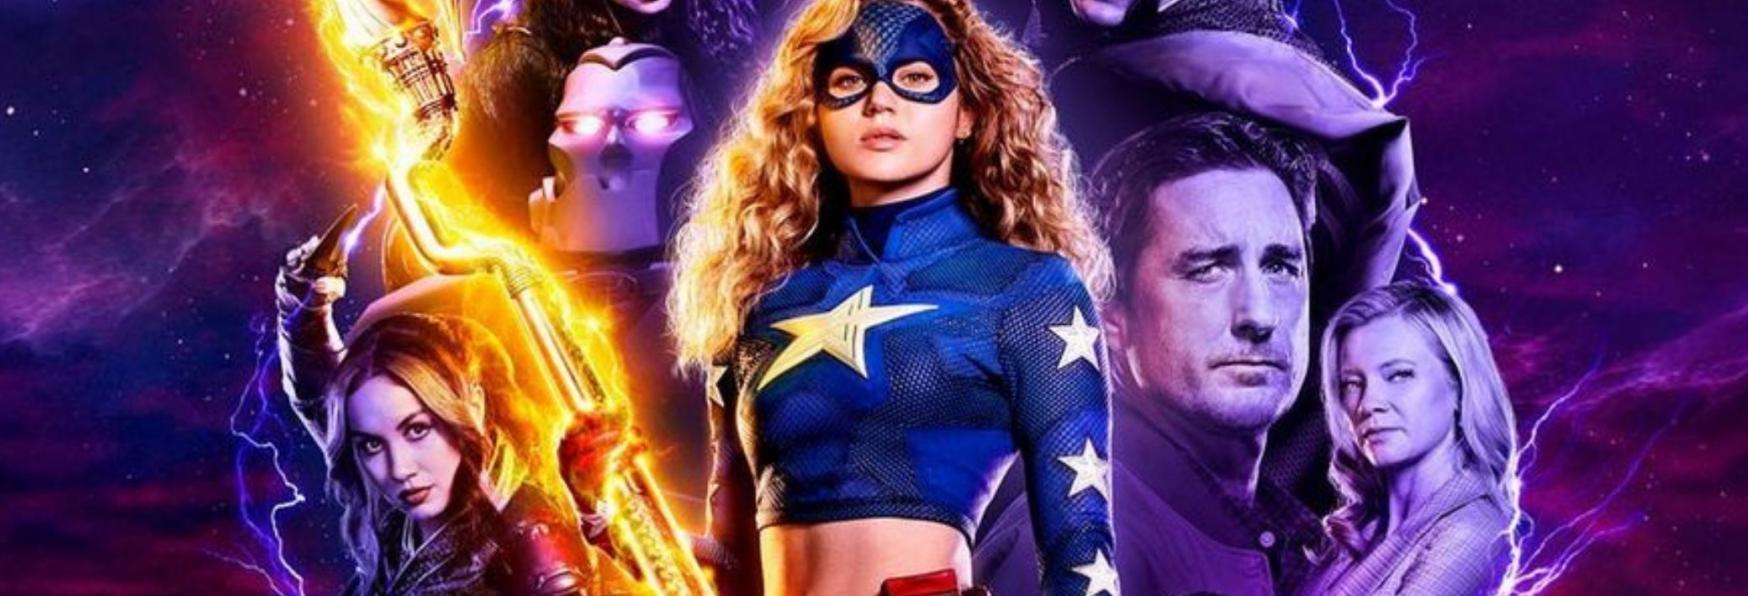 Stargirl 2: lo Showrunner parla della Premiere della nuova Stagione